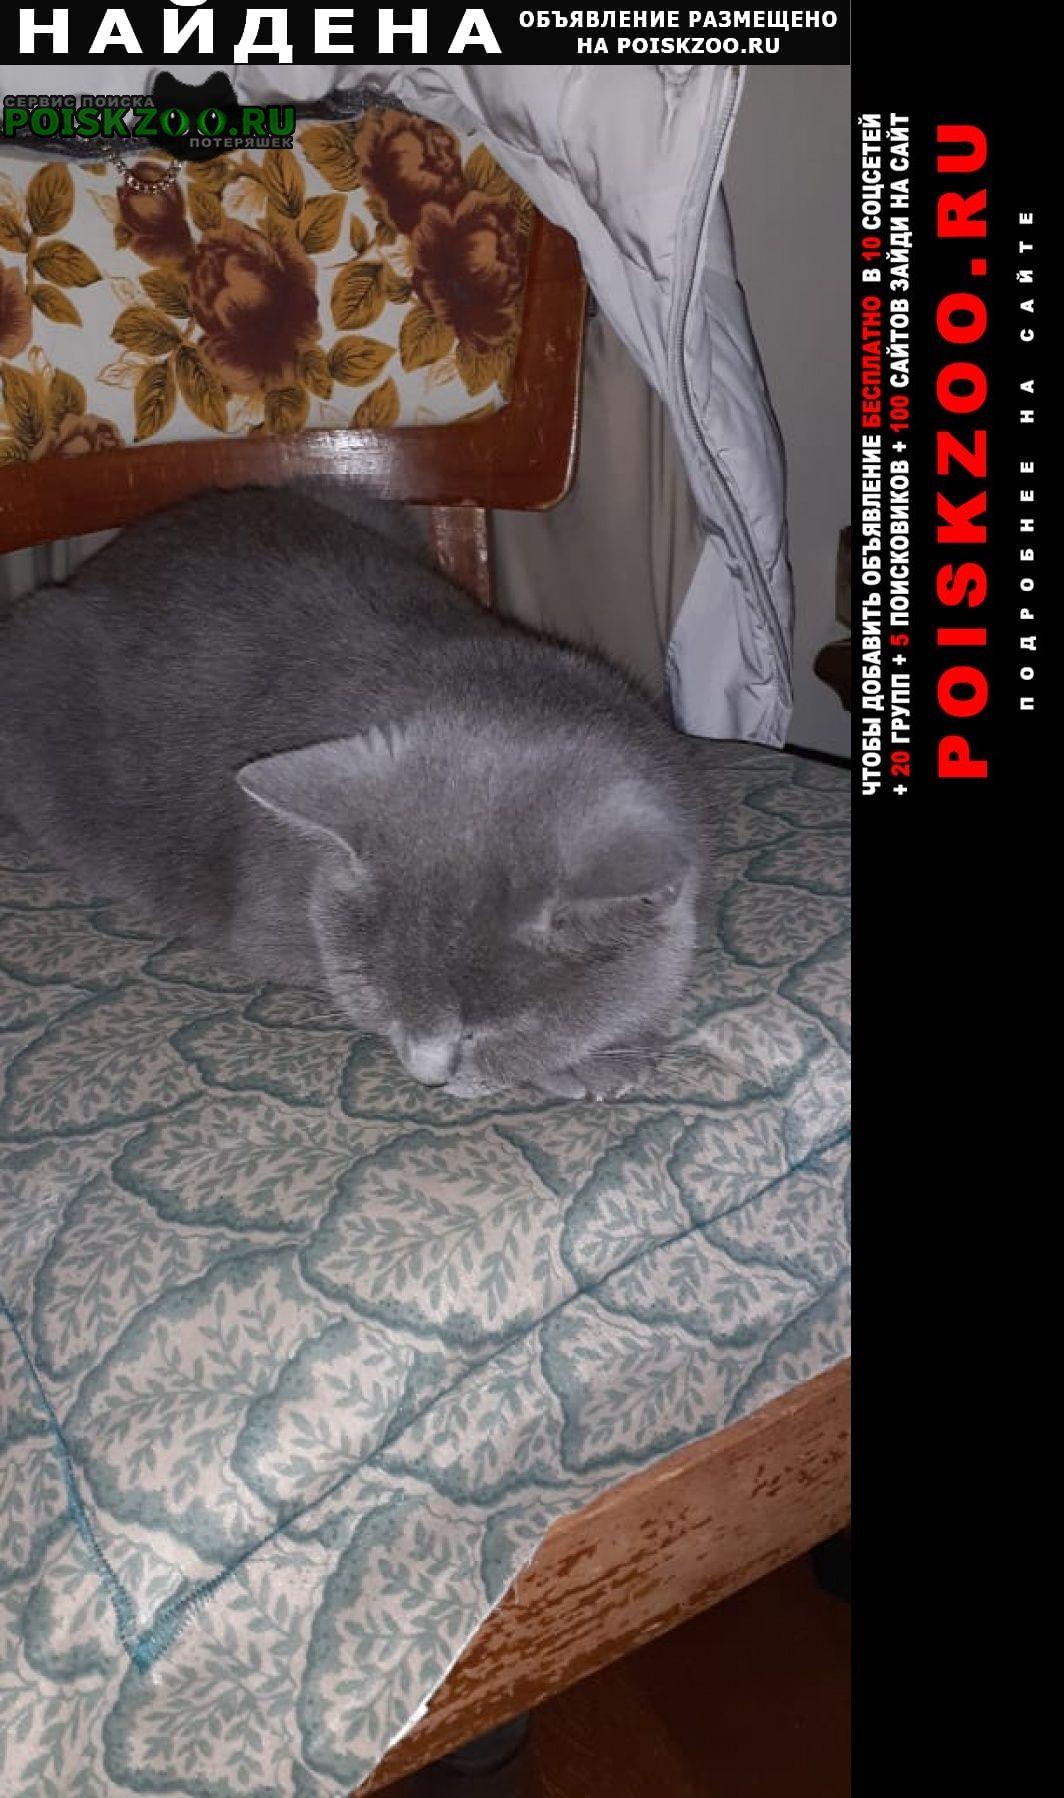 Найдена кошка серая или кот Москва